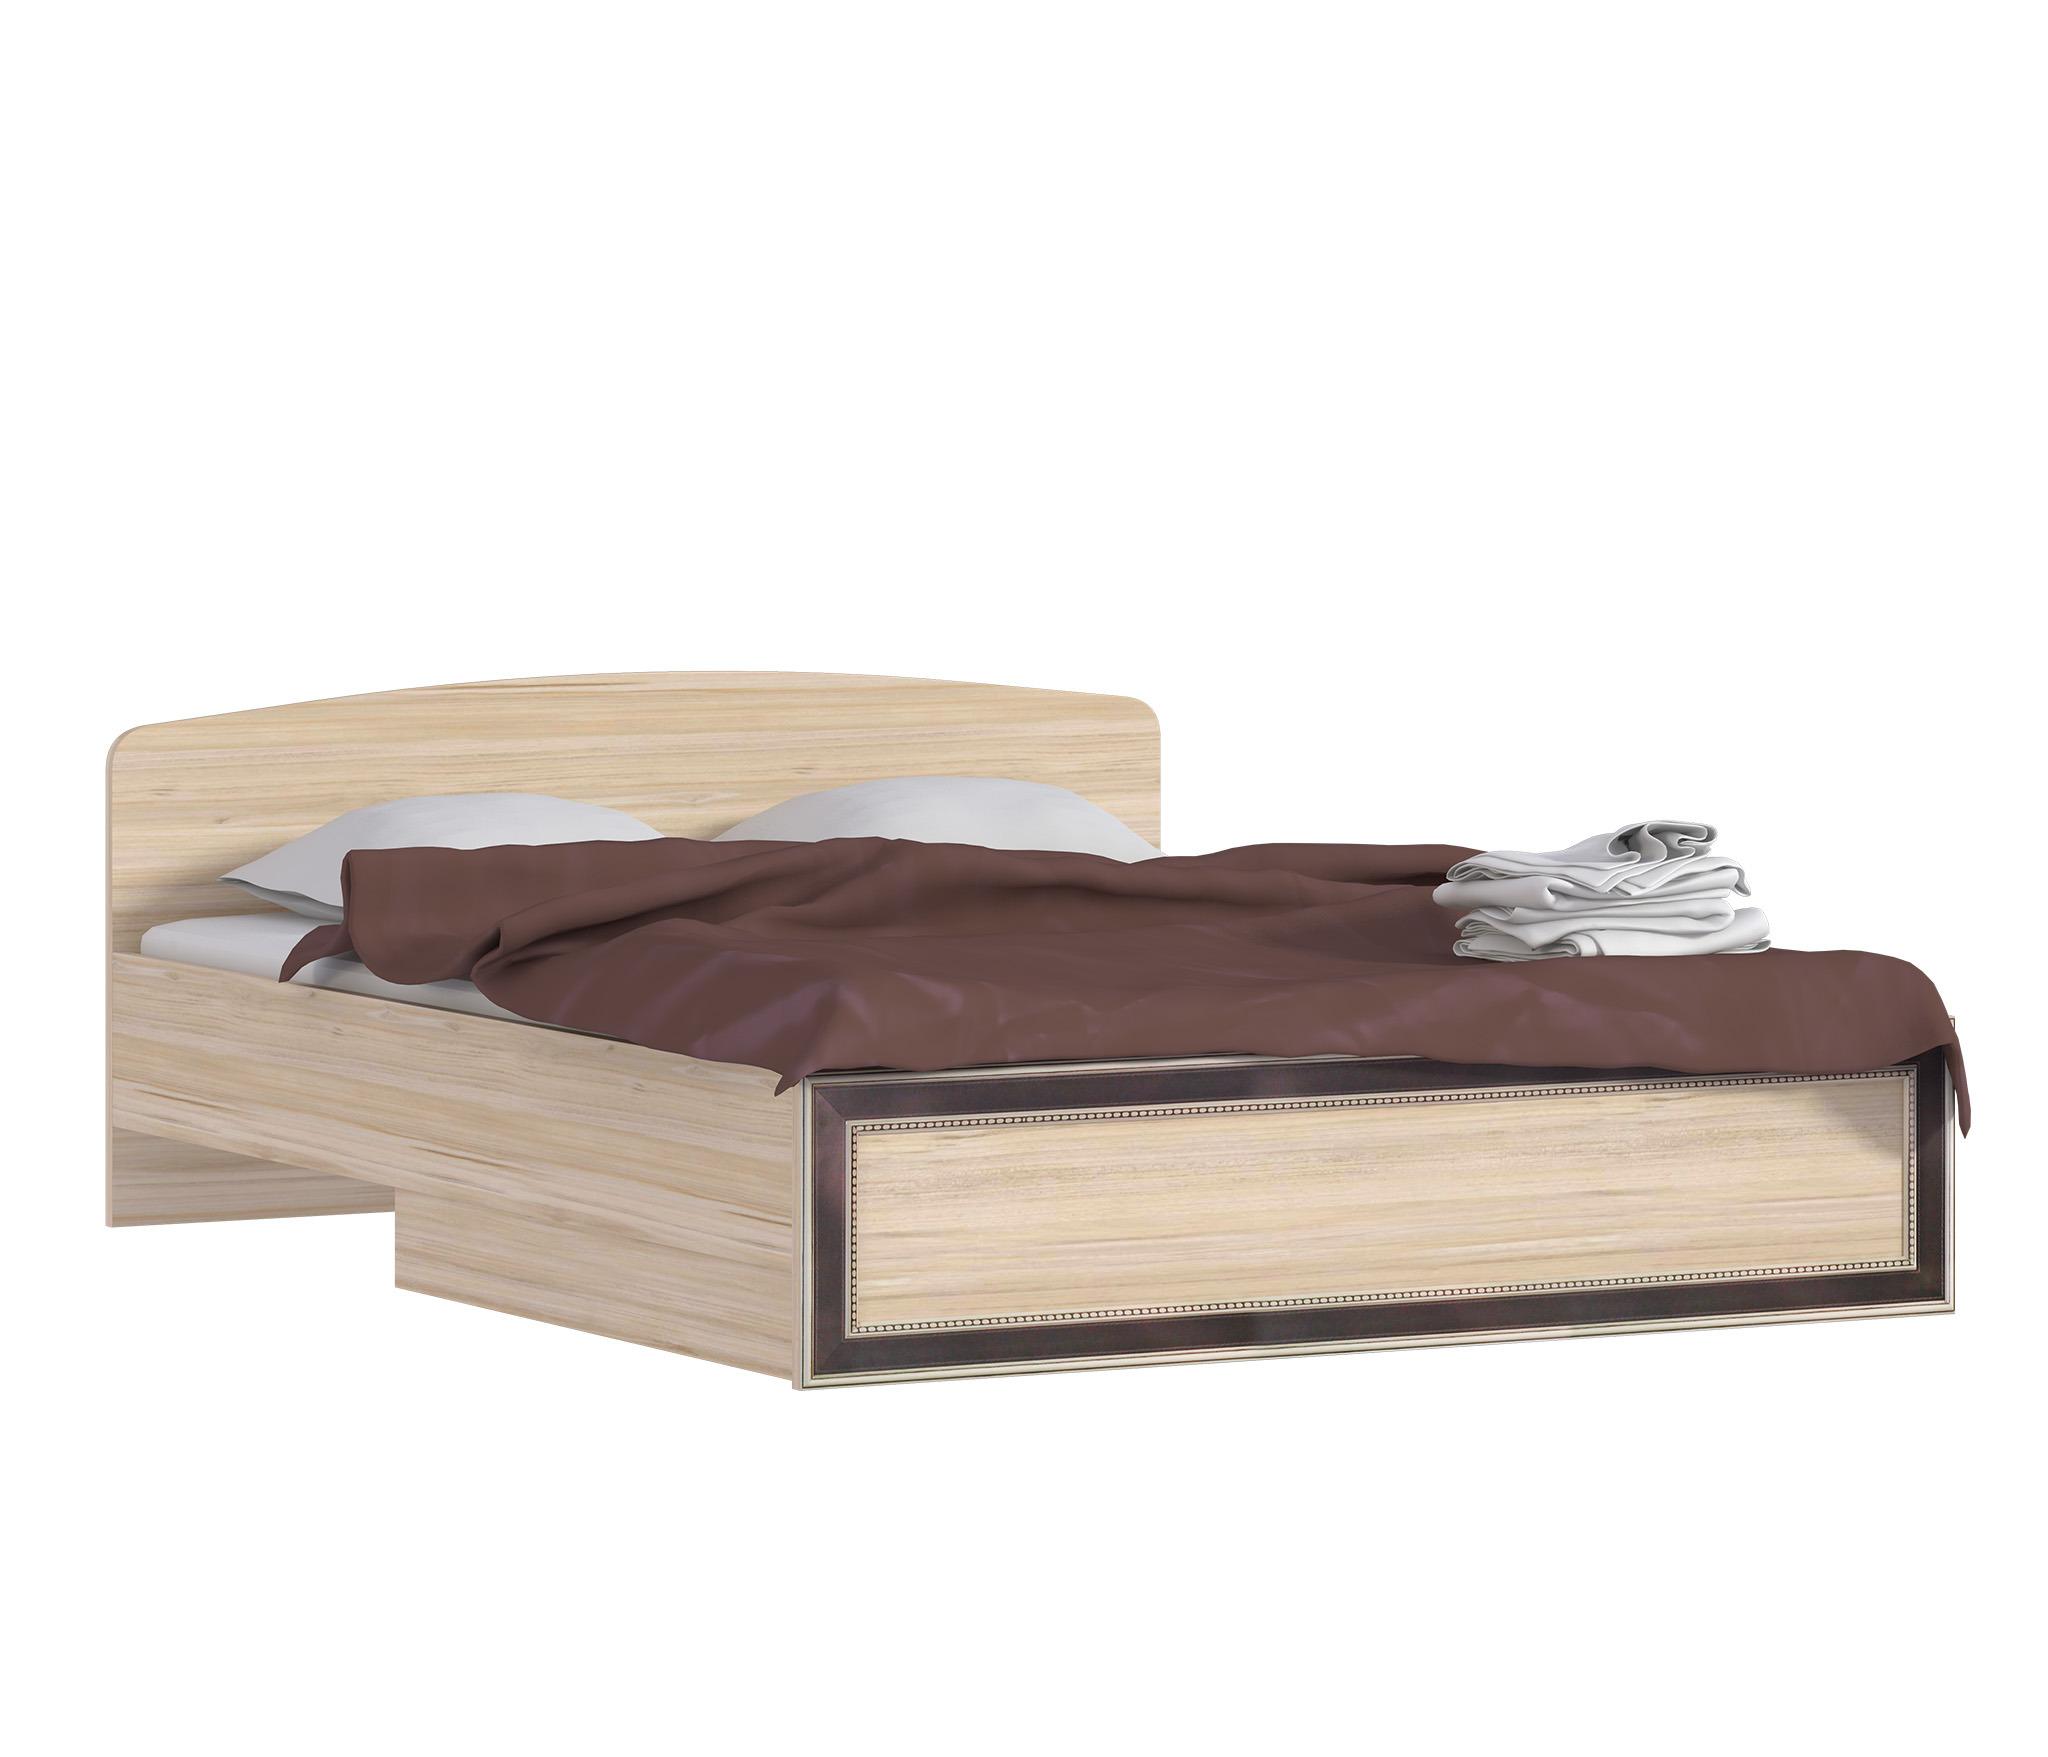 Персей СБ-2000 Кровать с подъемным механизмом 1600Кровати<br>Кровать с подъемным механизмом  Персей СБ-2000    идеальный способ создать комфортное пространство для сна. Модель выполнена в светлом цвете «Слива Табеа», который хорошо сочетается с любыми оттенками. Лаконичность линий формирует простые очертания, выигрышно подчеркивающиеся сдержанной темной окантовкой. Отсутствие лишних деталей добавляет образу утонченности и легкости. Кровать отлично подойдет как для просторных, так и компактных спален. Модель «Персей СБ-2000» изготовлена из экологичных материалов, гарантирующих надежность и долговечность изделия.<br><br>Длина мм: 1658<br>Высота мм: 750<br>Глубина мм: 2089<br>Ширина спального места: 1600<br>Длина спального места: 2000<br>Подъемный механизм: Есть<br>Особенности: Двухспальная<br>Основание для матраса: Есть<br>Матрас в комплекте: Нет